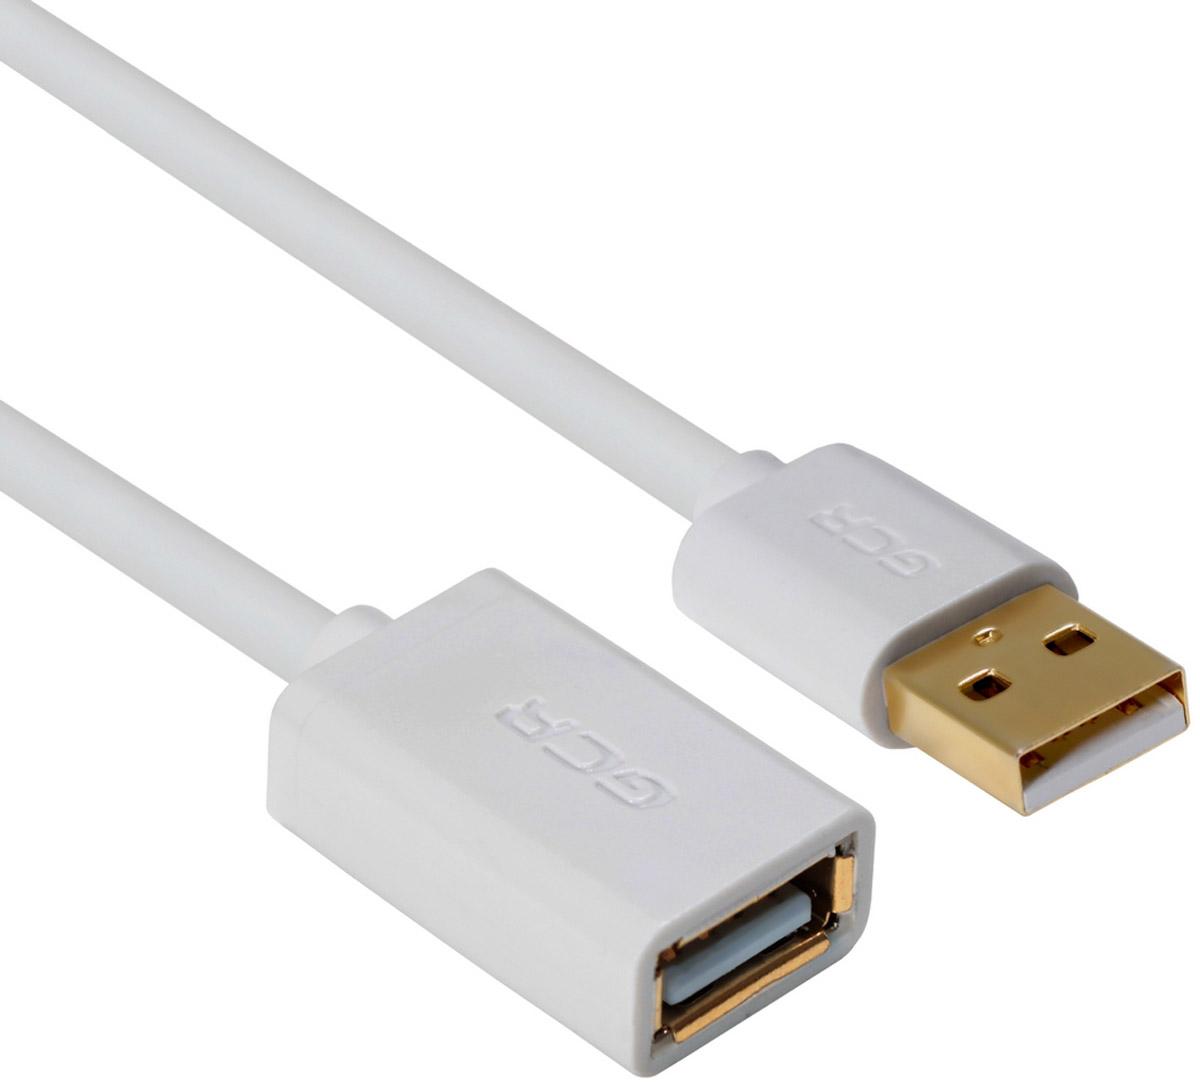 Greenconnect Russia GCR-UEC5M-AAG, White удлинитель USB 2.0 (0,5 м)GCR-UEC5M-AAG-0.5mКабель-удлинитель USB 2.0 Greenconnect Russia GCR-UEC5M-AAG позволит увеличить расстояние до подключаемого устройства. Может быть использован с различными USB девайсами. Экранирование кабеля защищает сигнал при передаче от влияния внешних полей, способных создать помехи.